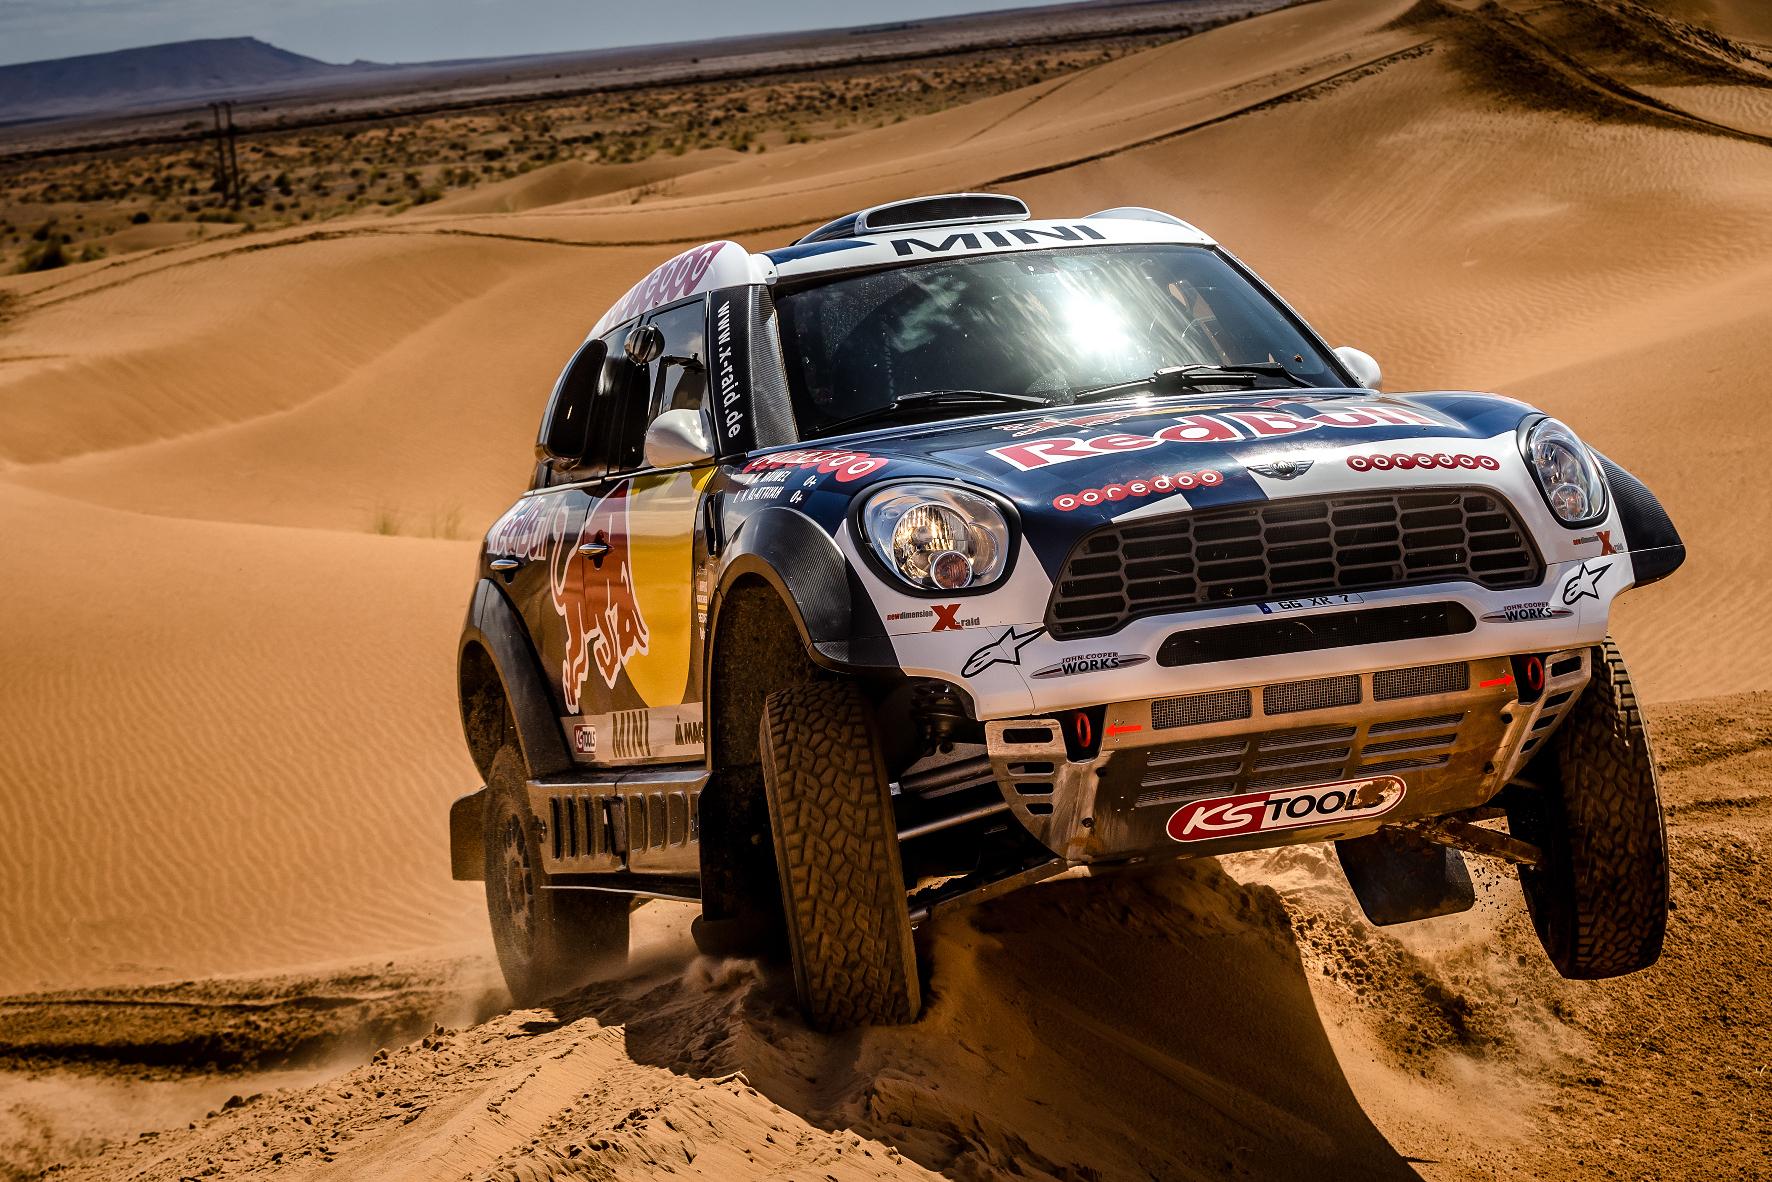 mid Groß-Gerau - Mit einem Dutzend Wüsten-Minis reist das Team MINI ALL4 Racing zur Rallye Dakar 2016.